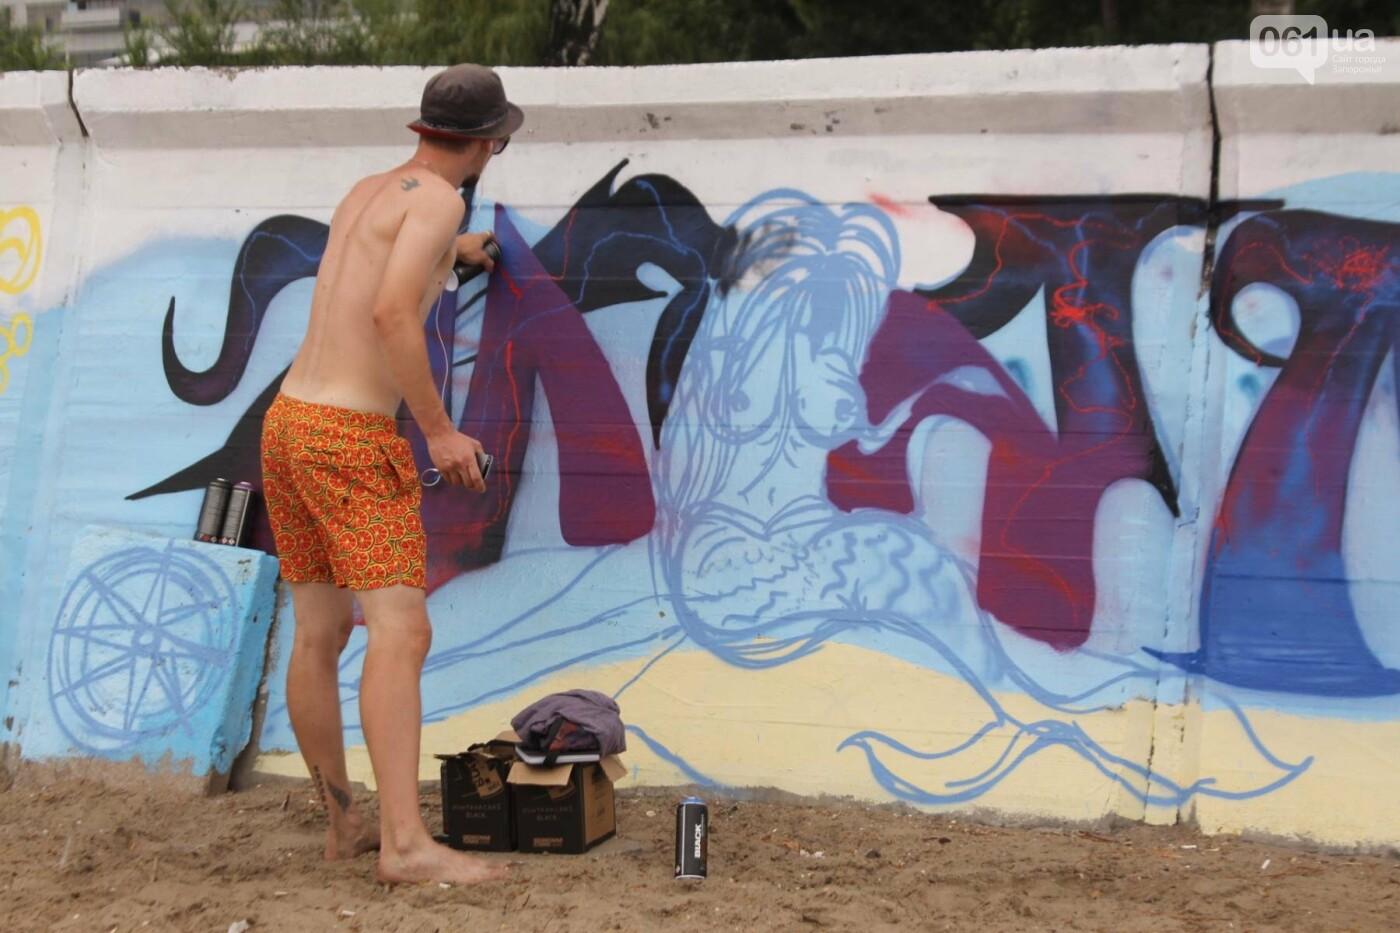 В Запорожье на пляже закончился фестиваль граффити: разрисовали 150 метров бетонной стены, – ФОТОРЕПОРТАЖ, фото-4